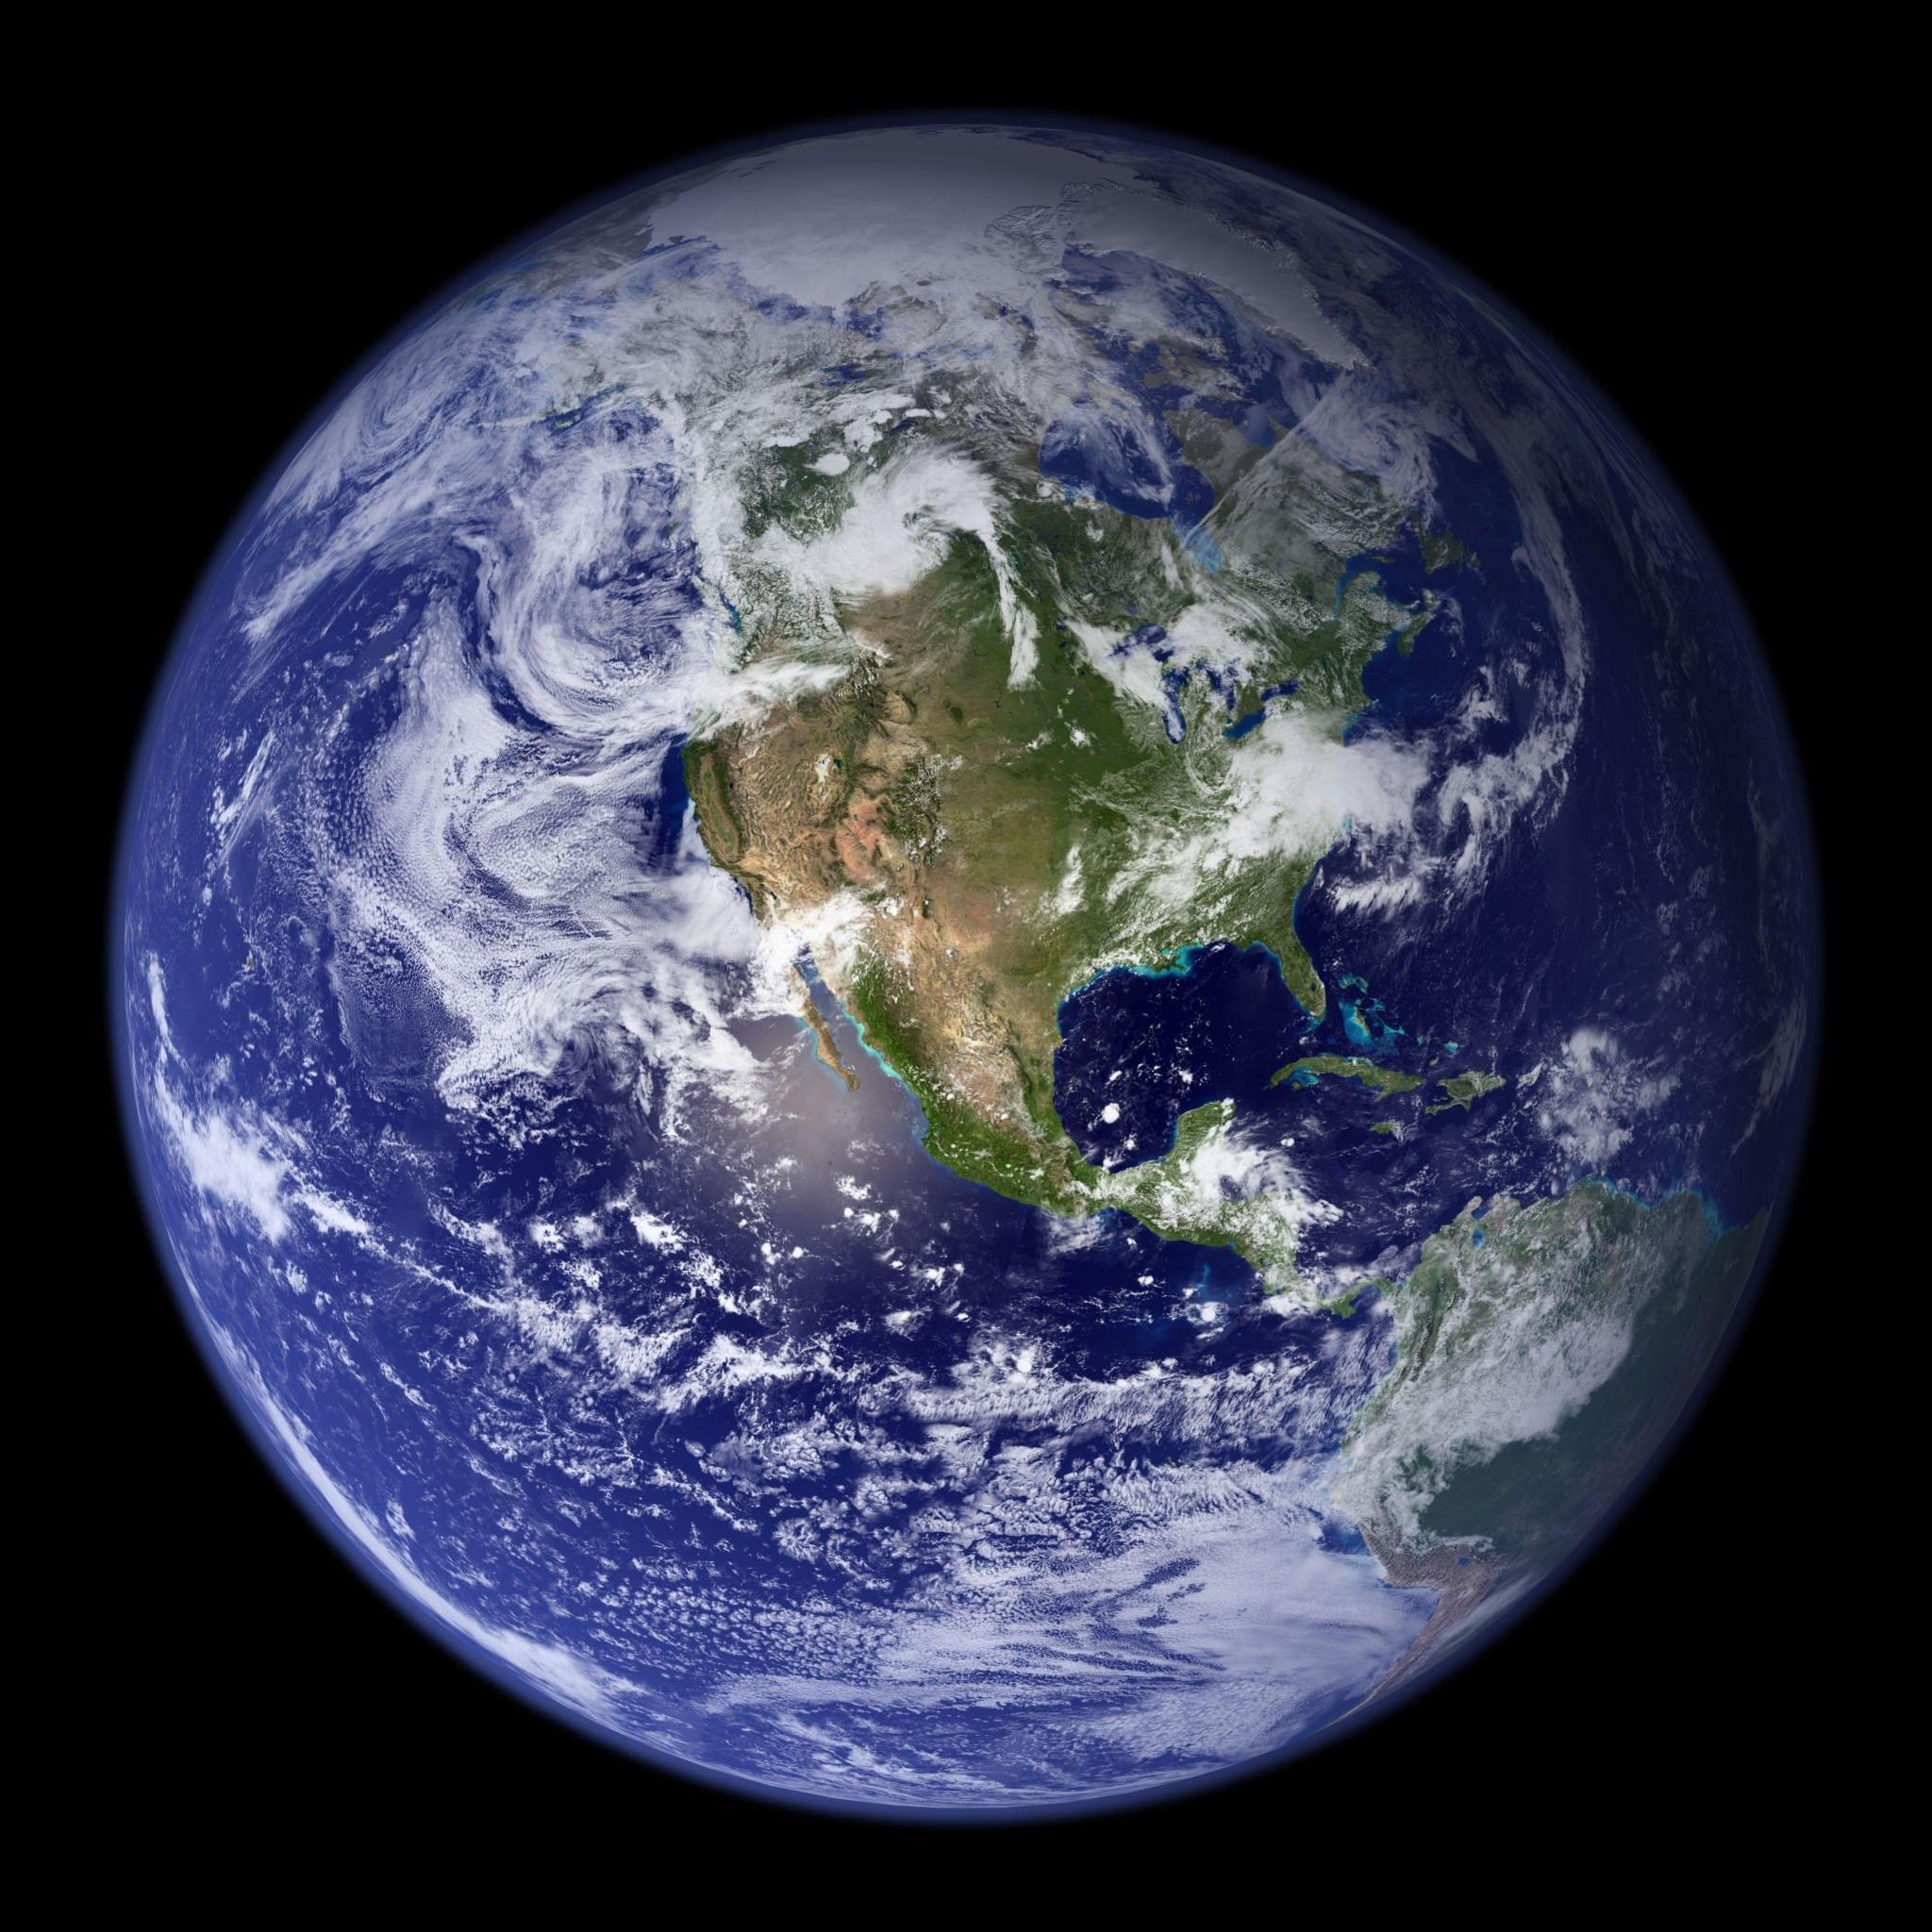 Γη Ζωή: Μελέτη αρχαίων διαμαντιών δείχνει ότι η Γη ήταν κατάλληλη για ζωή τουλάχιστον από 2,7 δισ. χρόνων